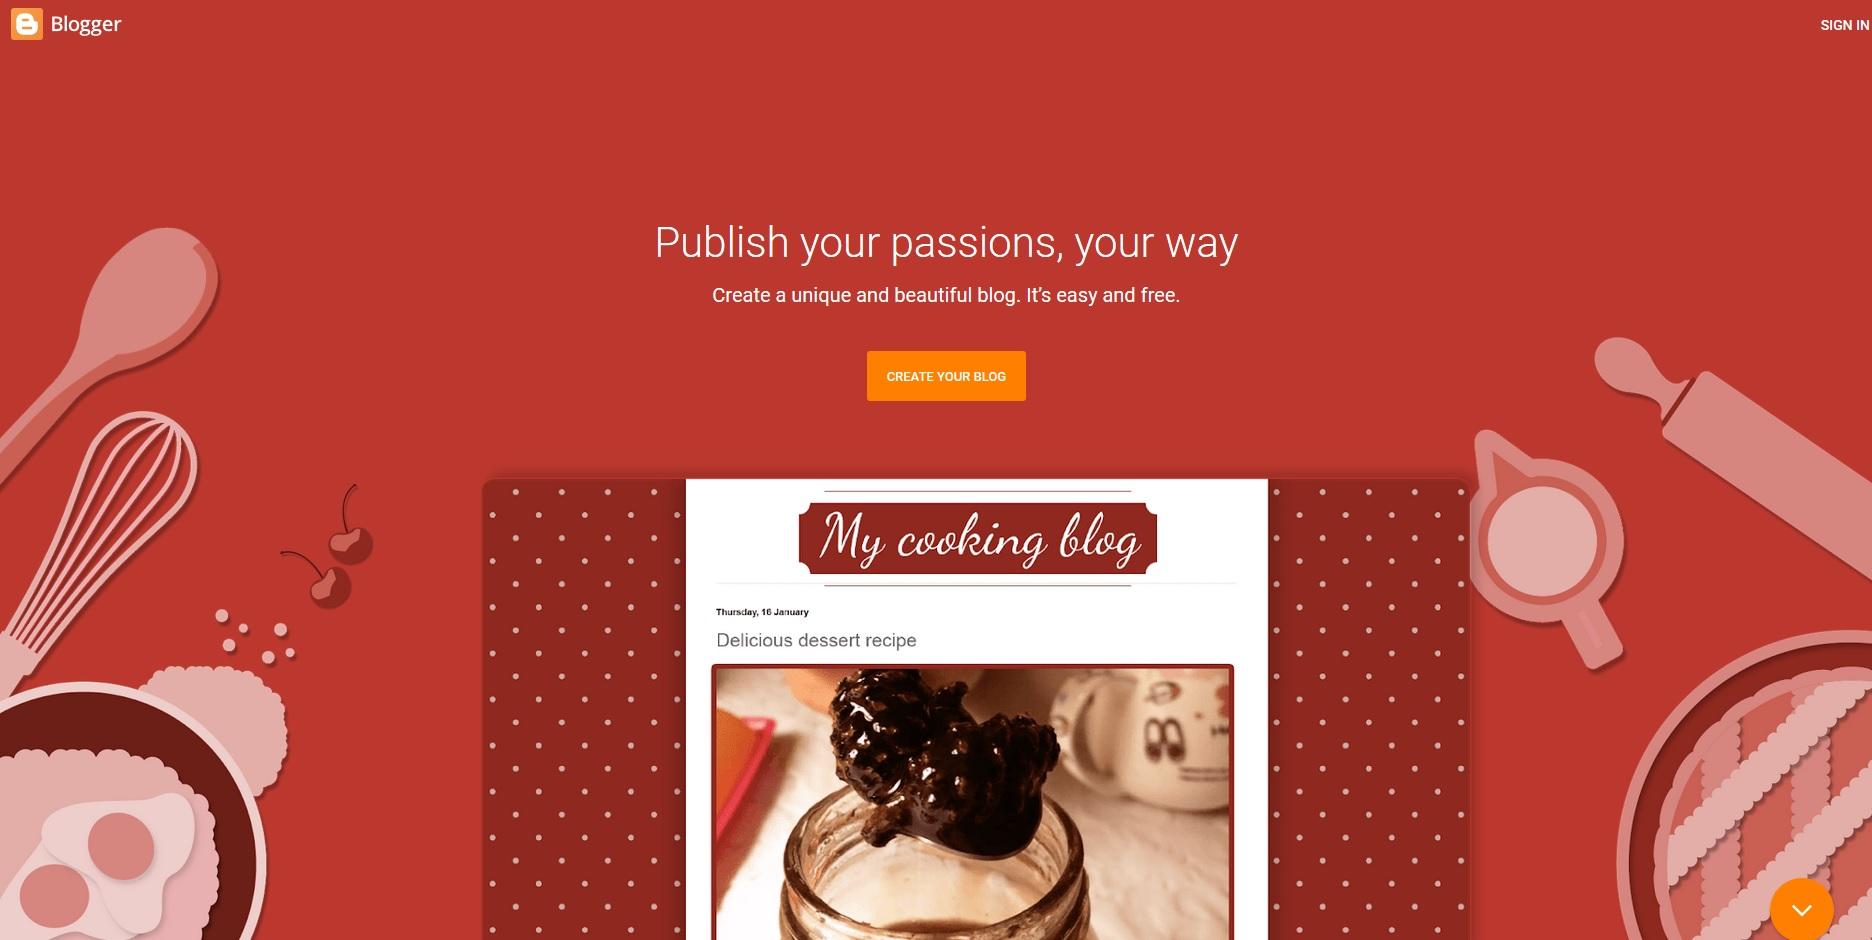 Създаване на нов блог в платформата на Google - Blogger